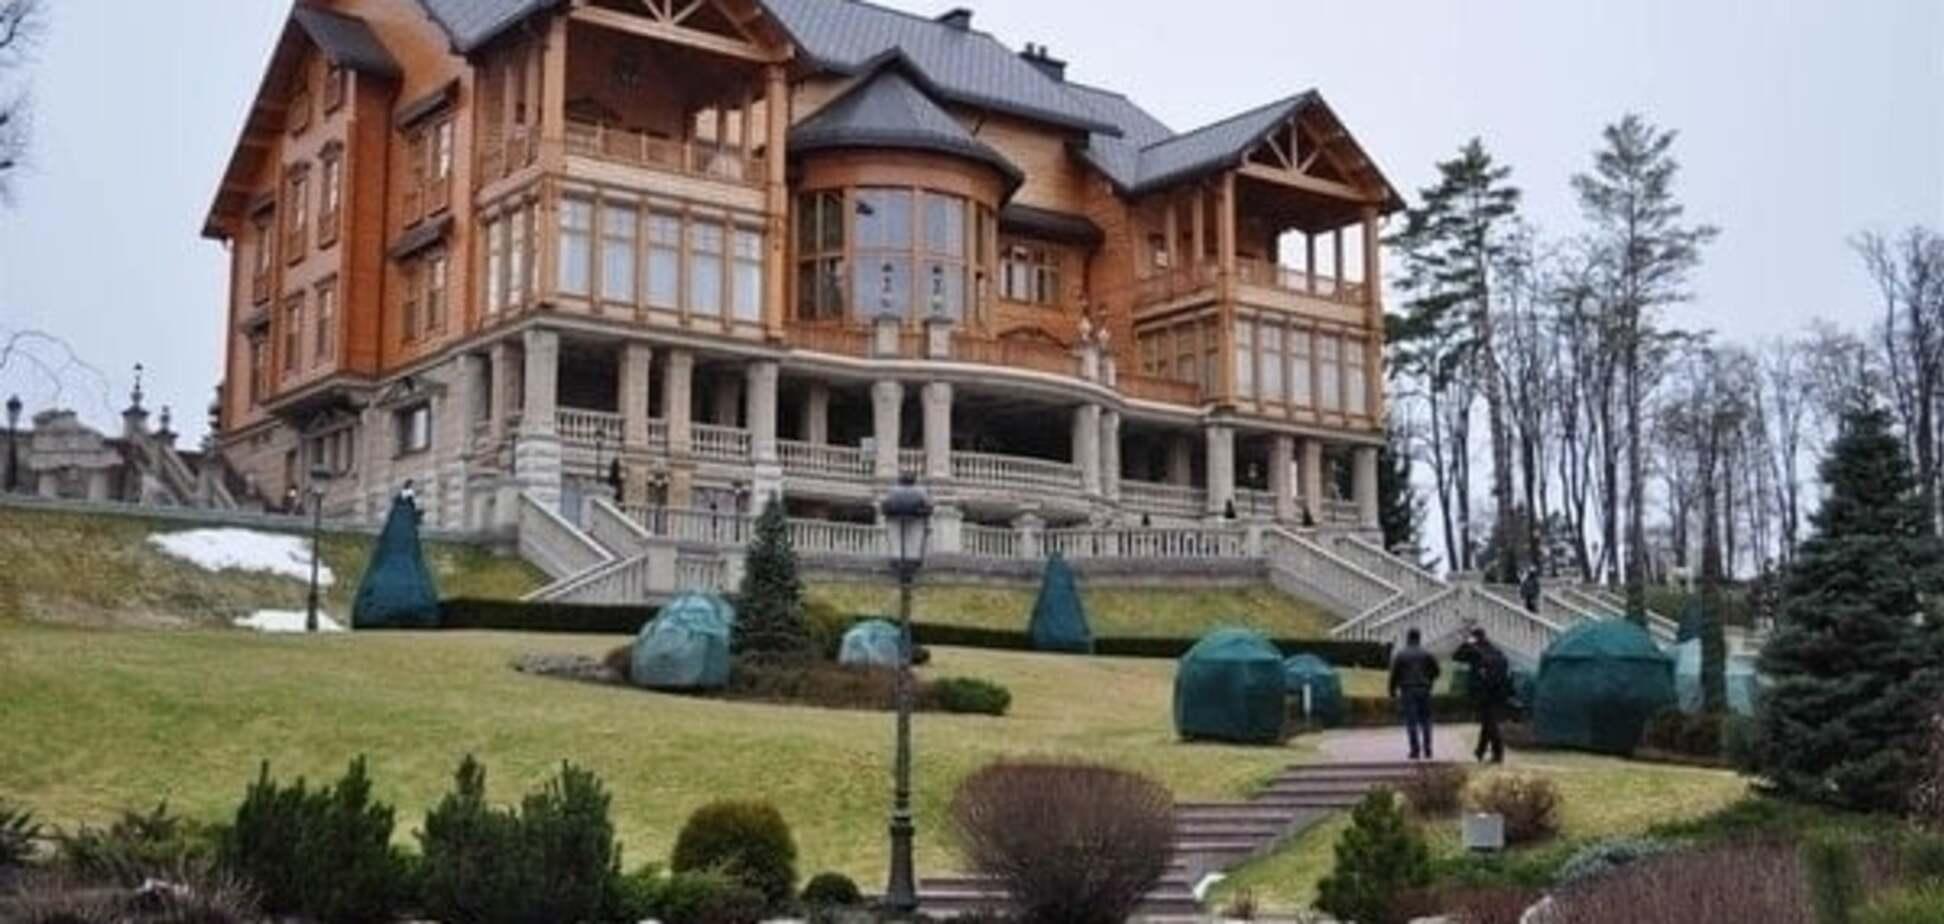 СБУ затримала спільника Януковича, який допоміг заволодіти Межигір'ям і Сухолуччям